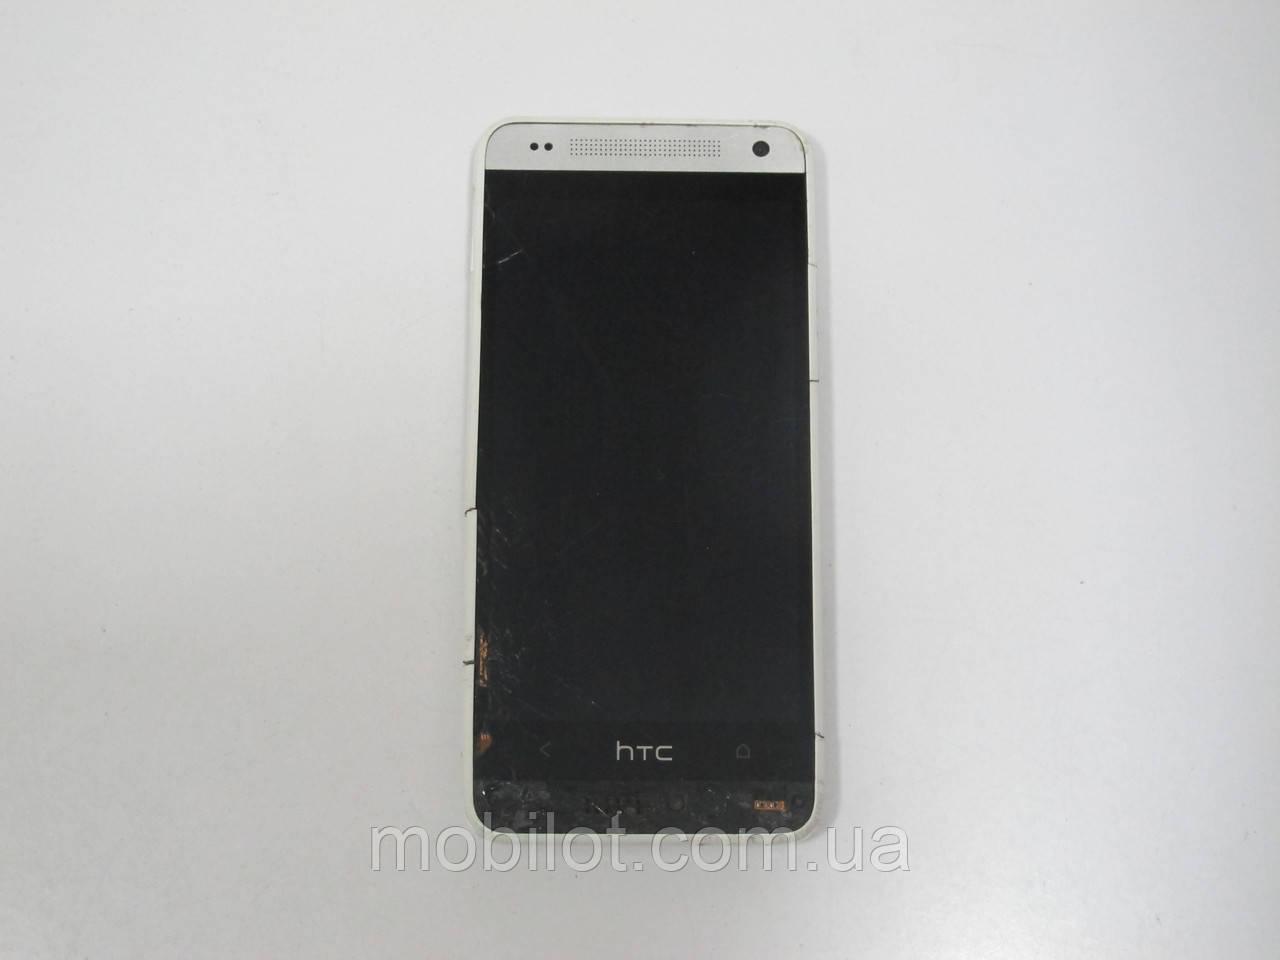 Мобильный телефон HTC One 601n (TZ-6271)